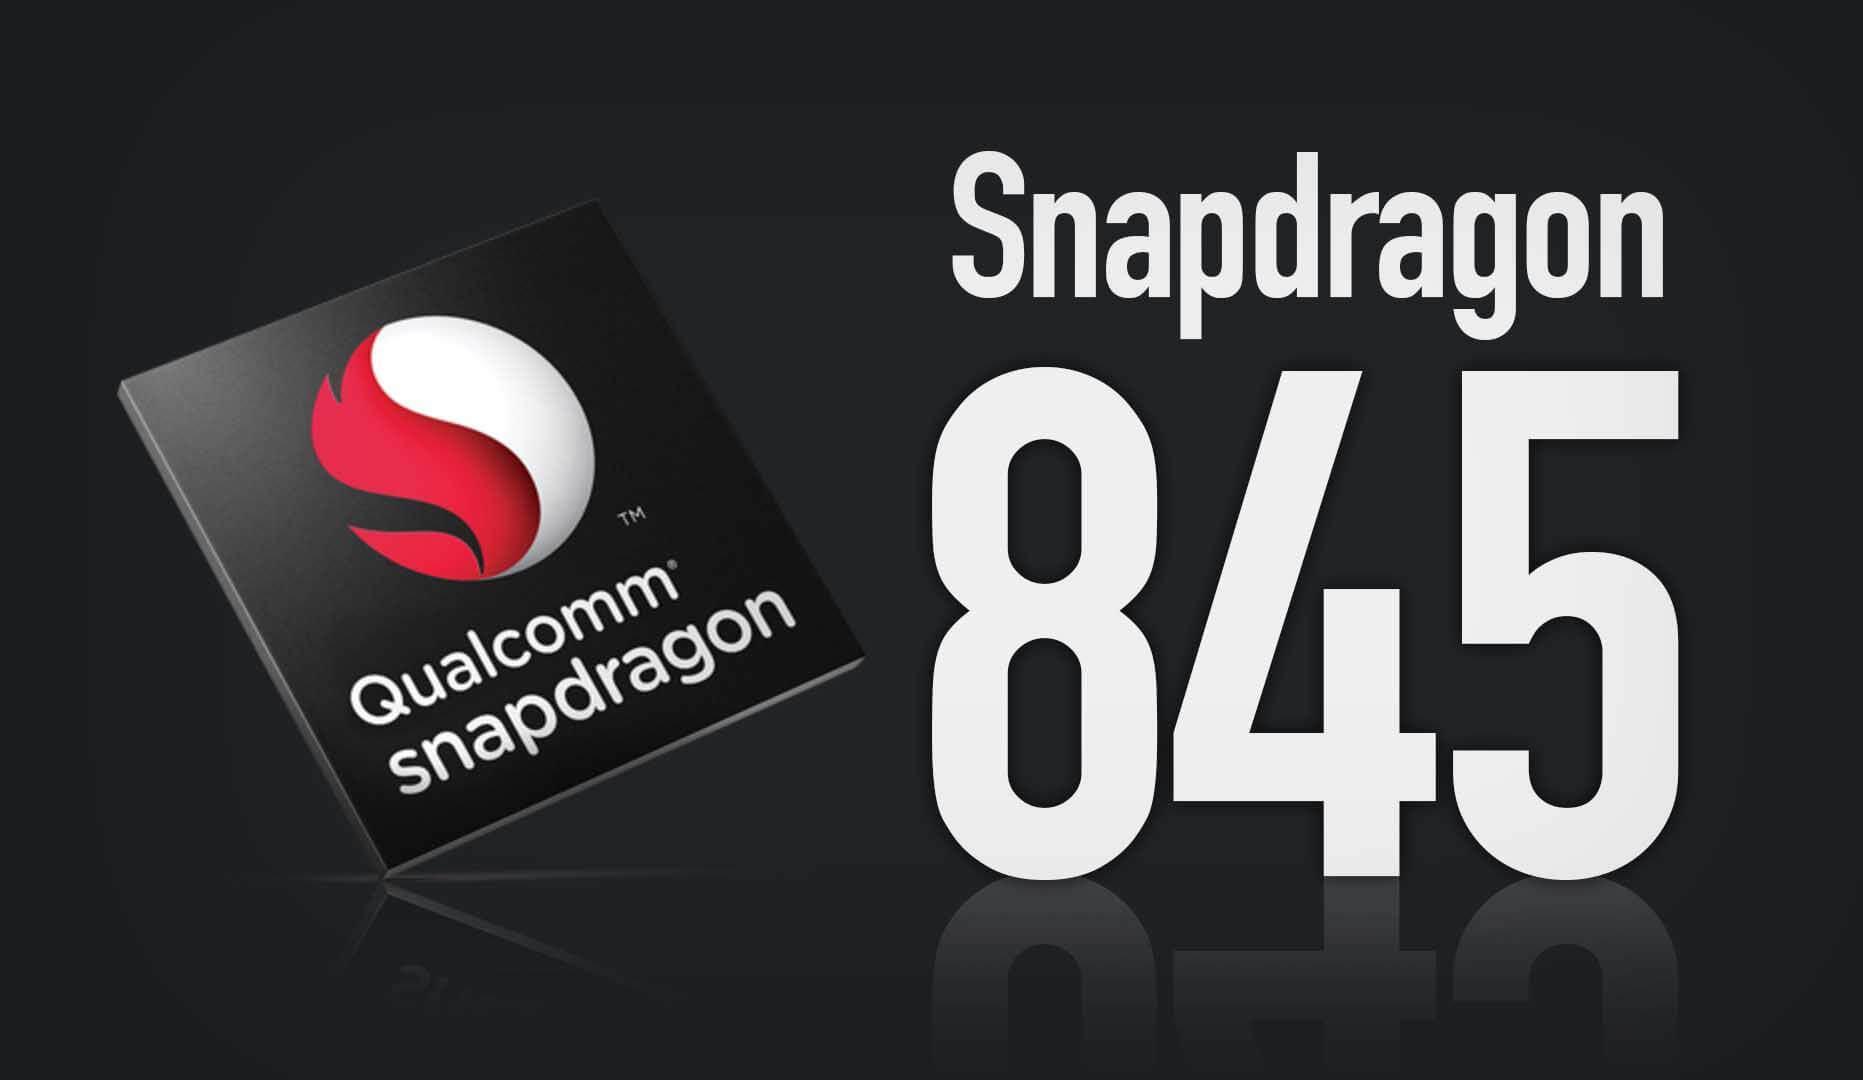 móviles con Snapdragon 845 más baratos